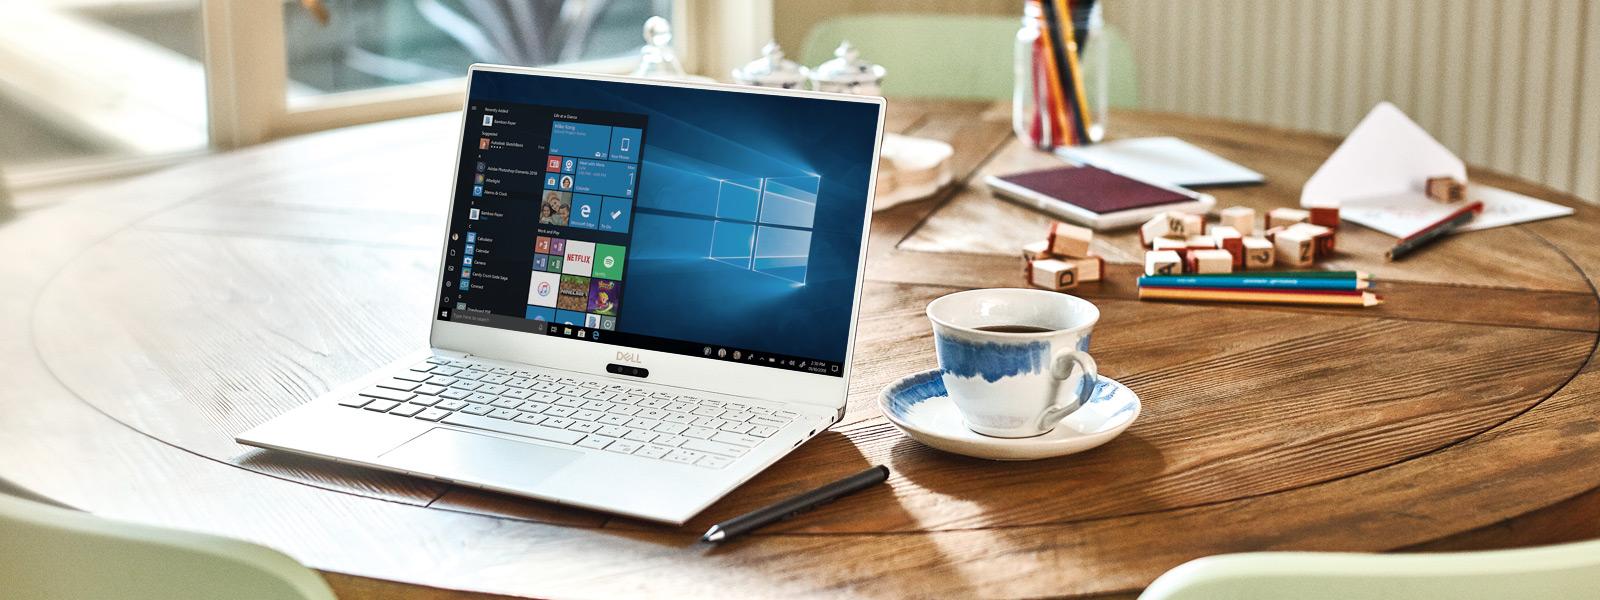 Un Dell XPS 13 9370 ouvert sur une table avec l'écran de démarrage Windows10.